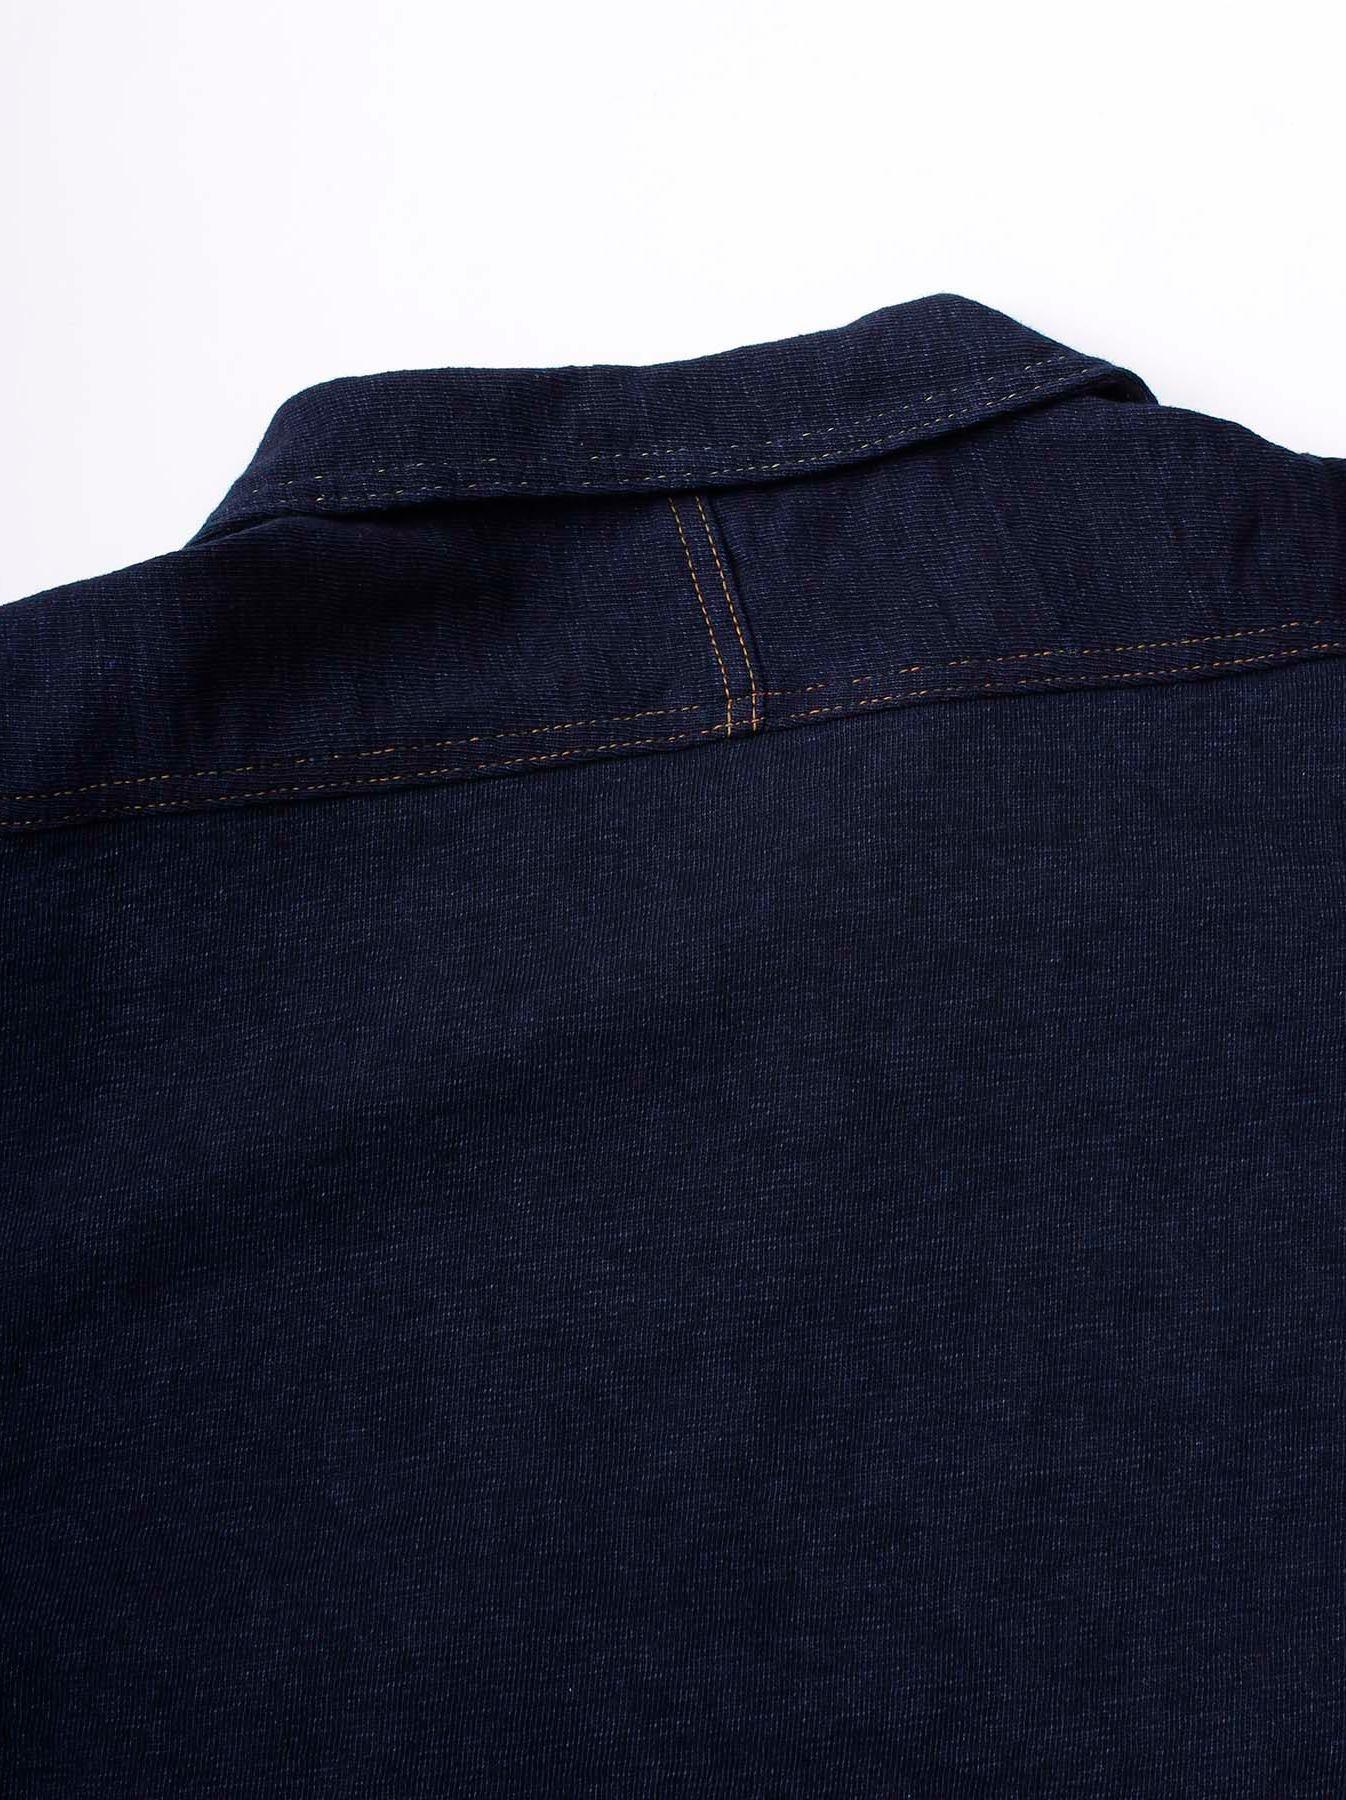 WH Indigo Plating Tenjiku Polo Shirt-8